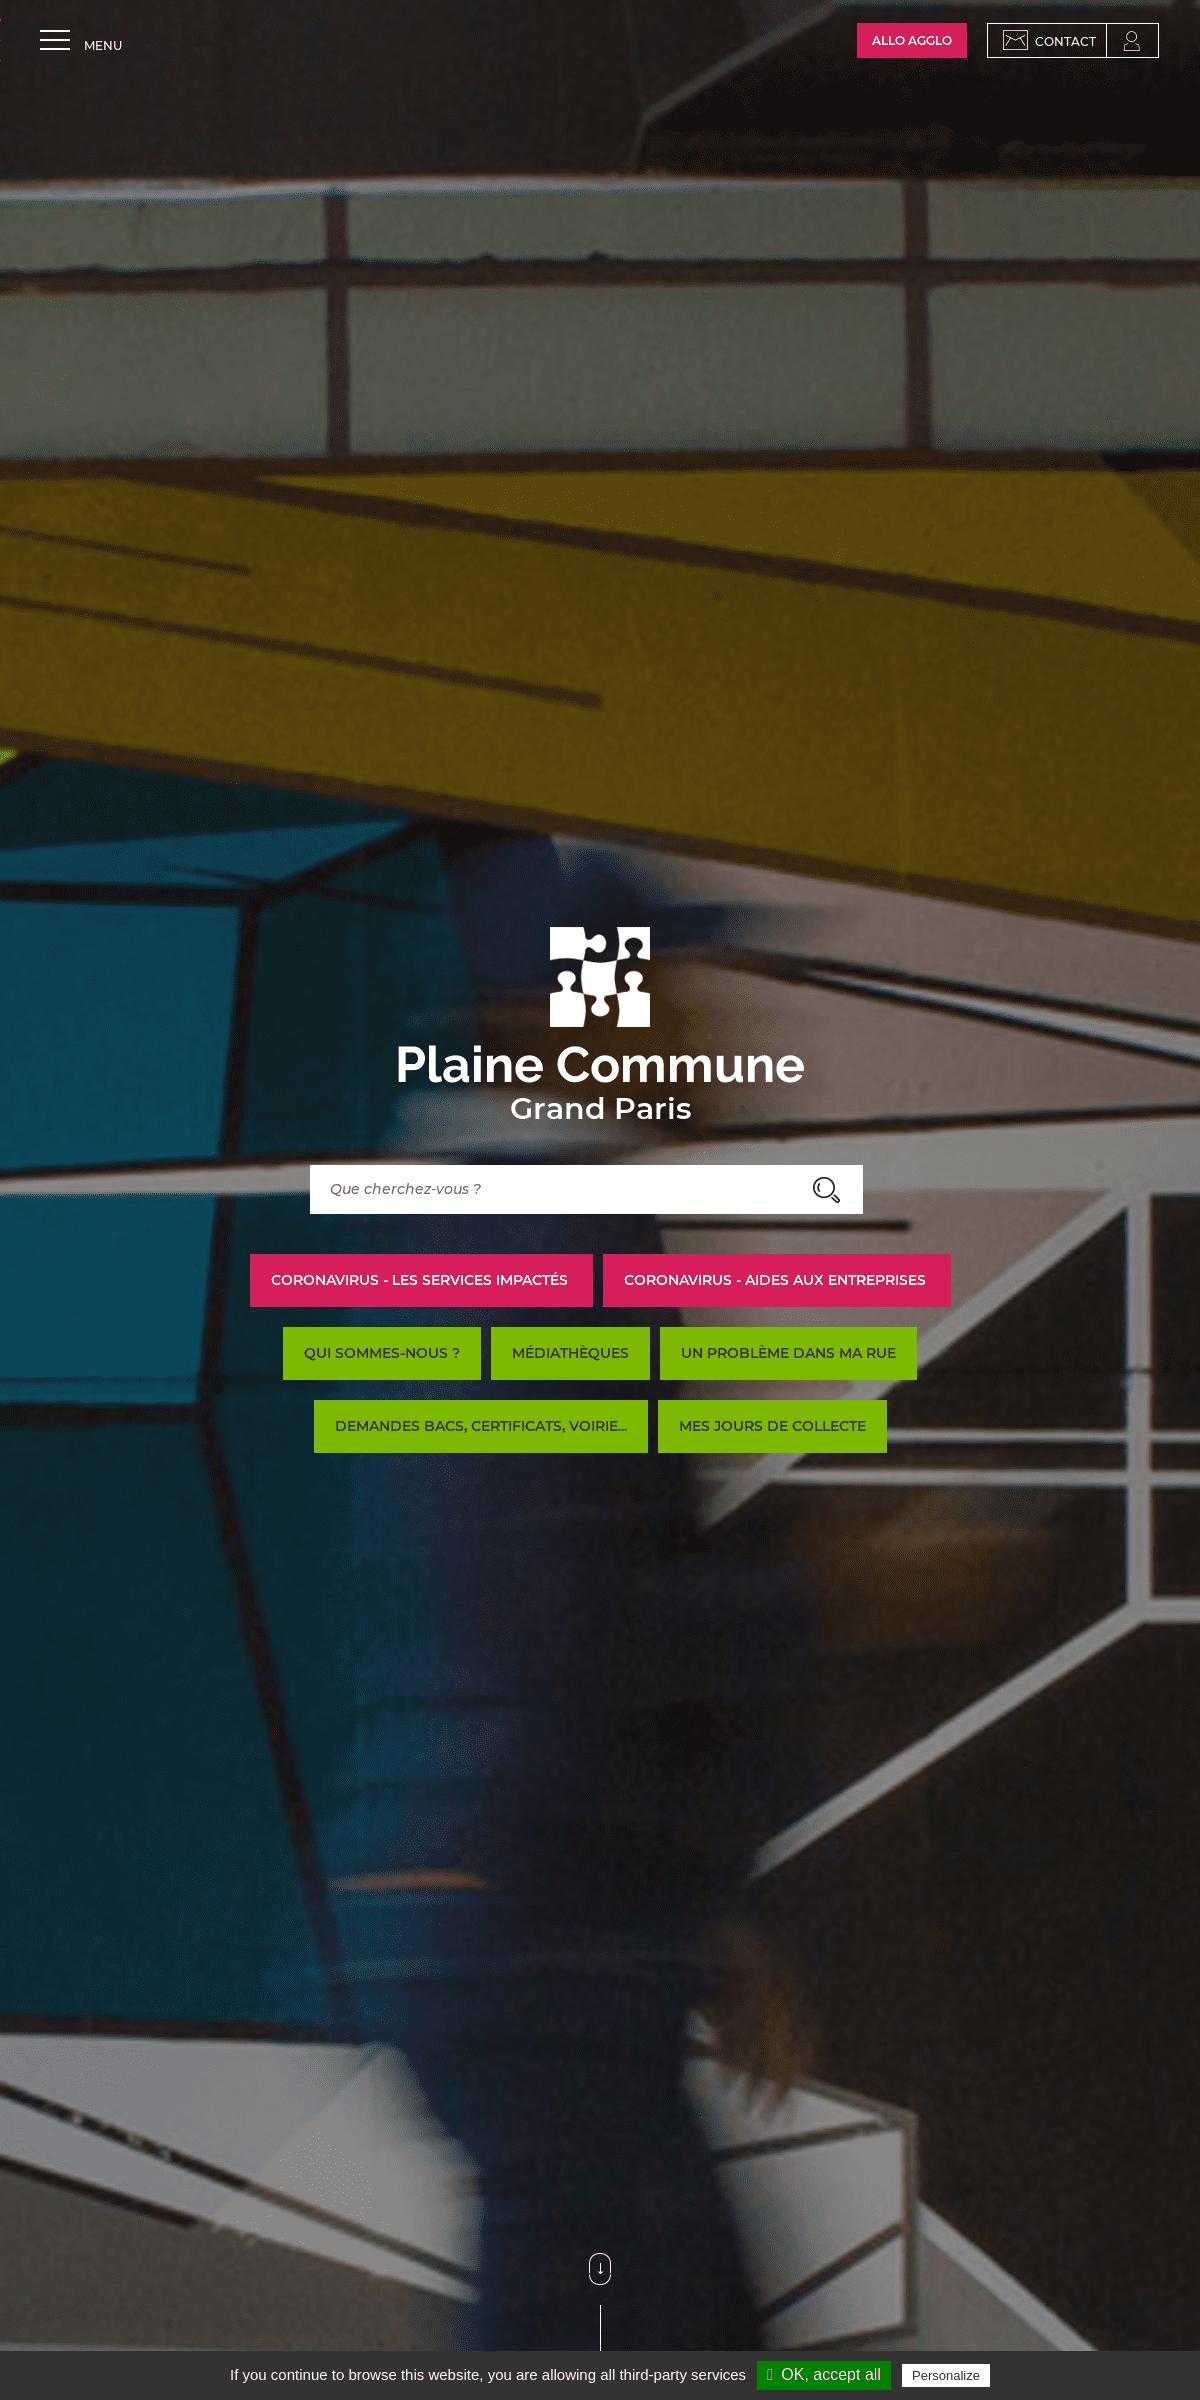 Plaine commune - Grand Paris